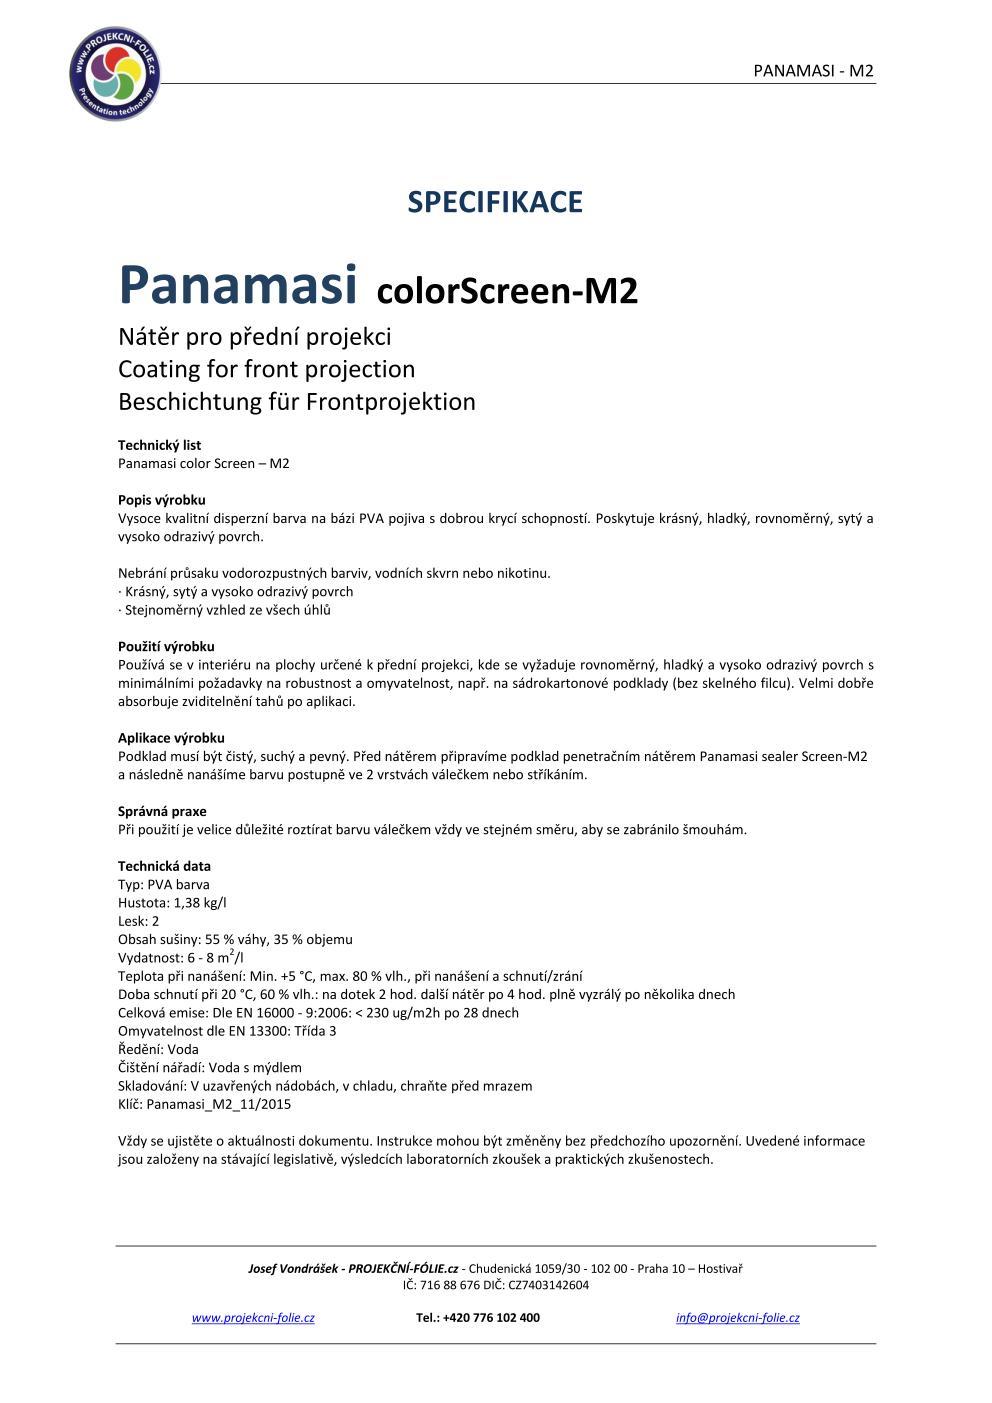 Specifikace - Projekční nátěr